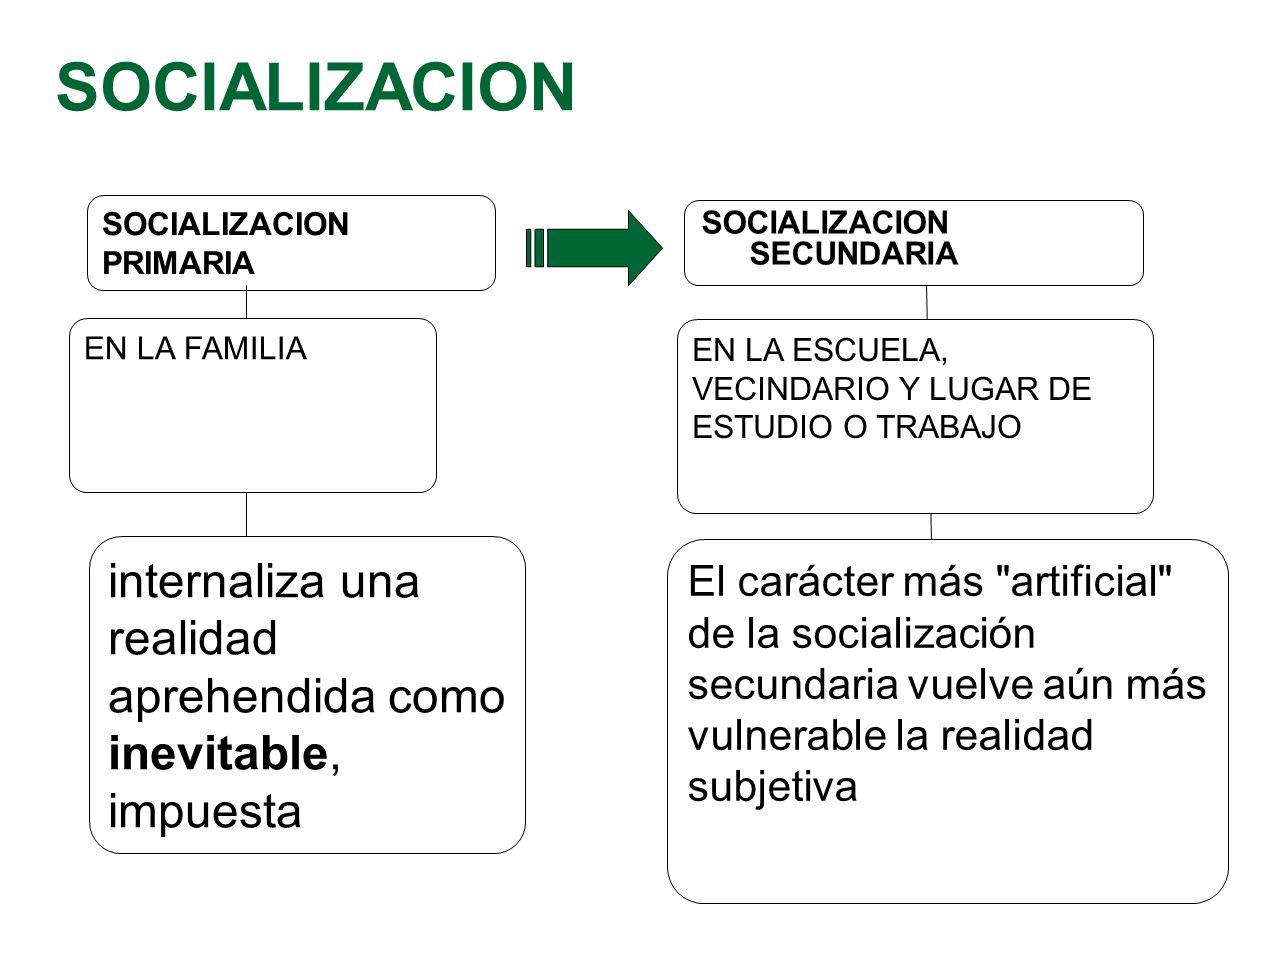 SOCIALIZACION SOCIALIZACION PRIMARIA. SOCIALIZACION SECUNDARIA. EN LA FAMILIA. EN LA ESCUELA, VECINDARIO Y LUGAR DE ESTUDIO O TRABAJO.